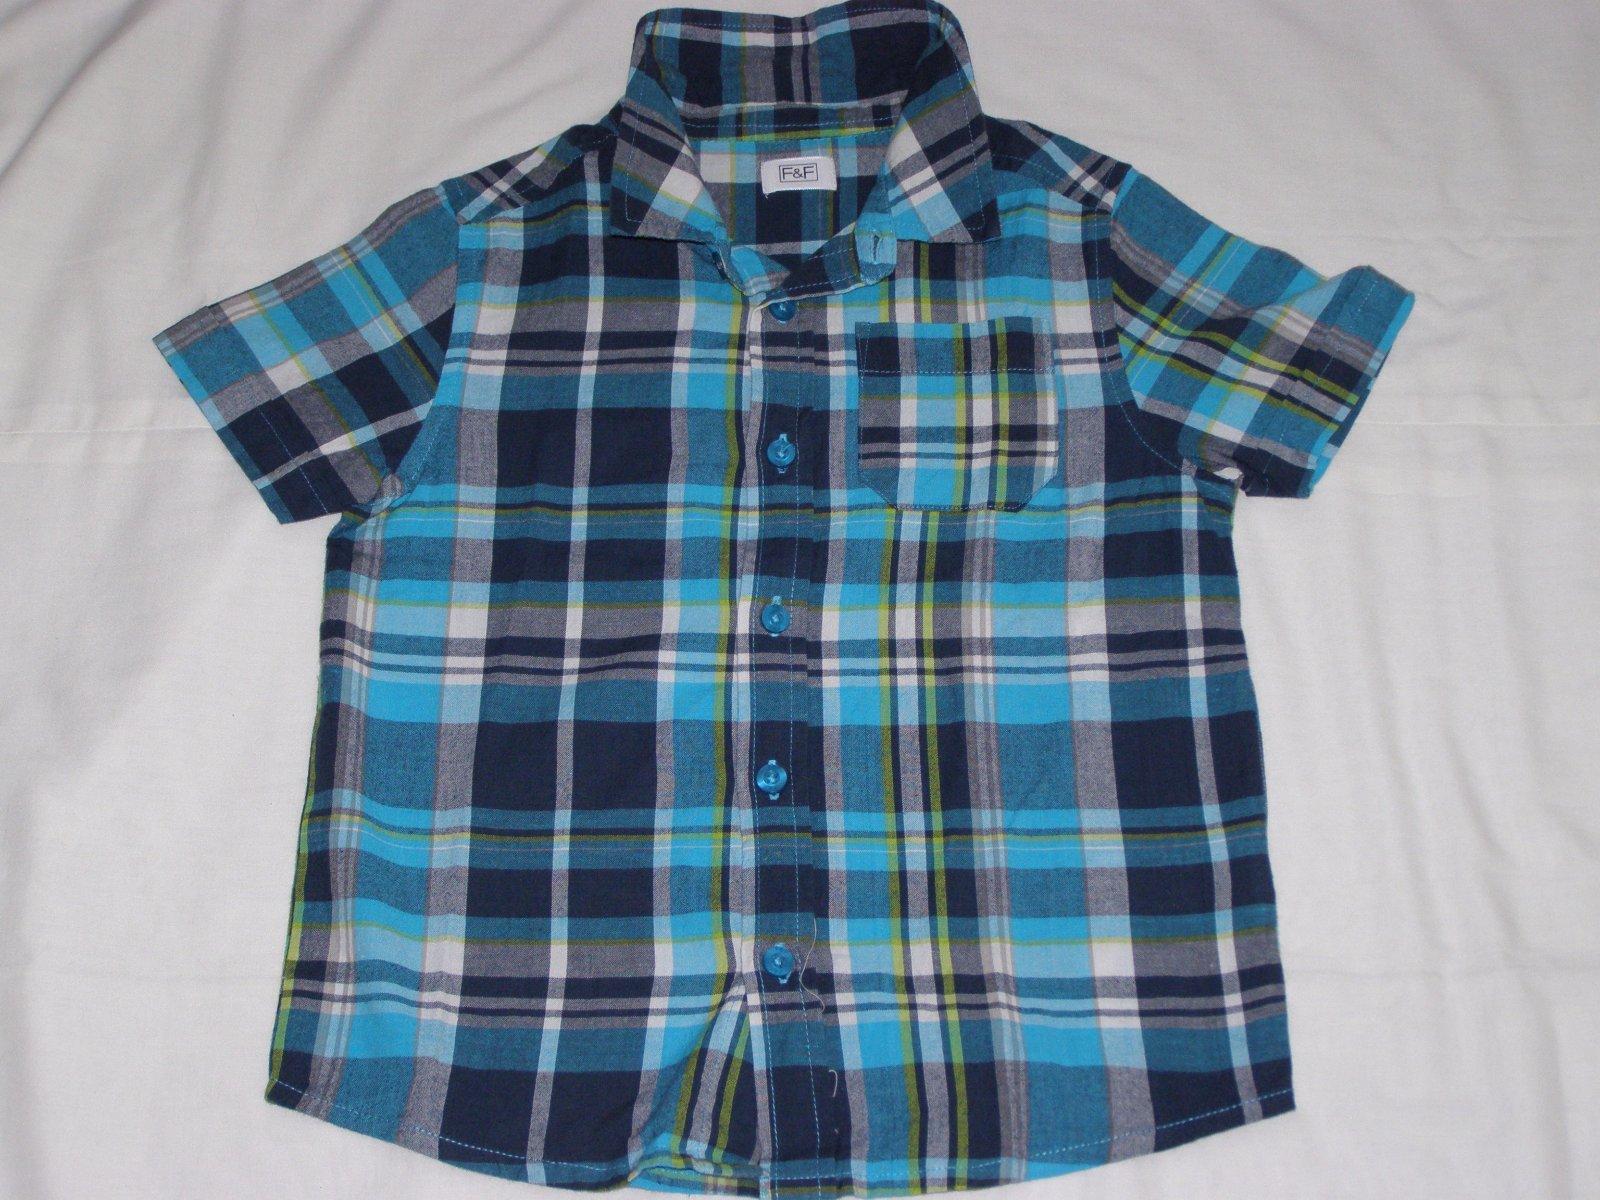 f38a5a5adecc Chlapčenská károvaná košeľa modro-tyrkysovo žltá